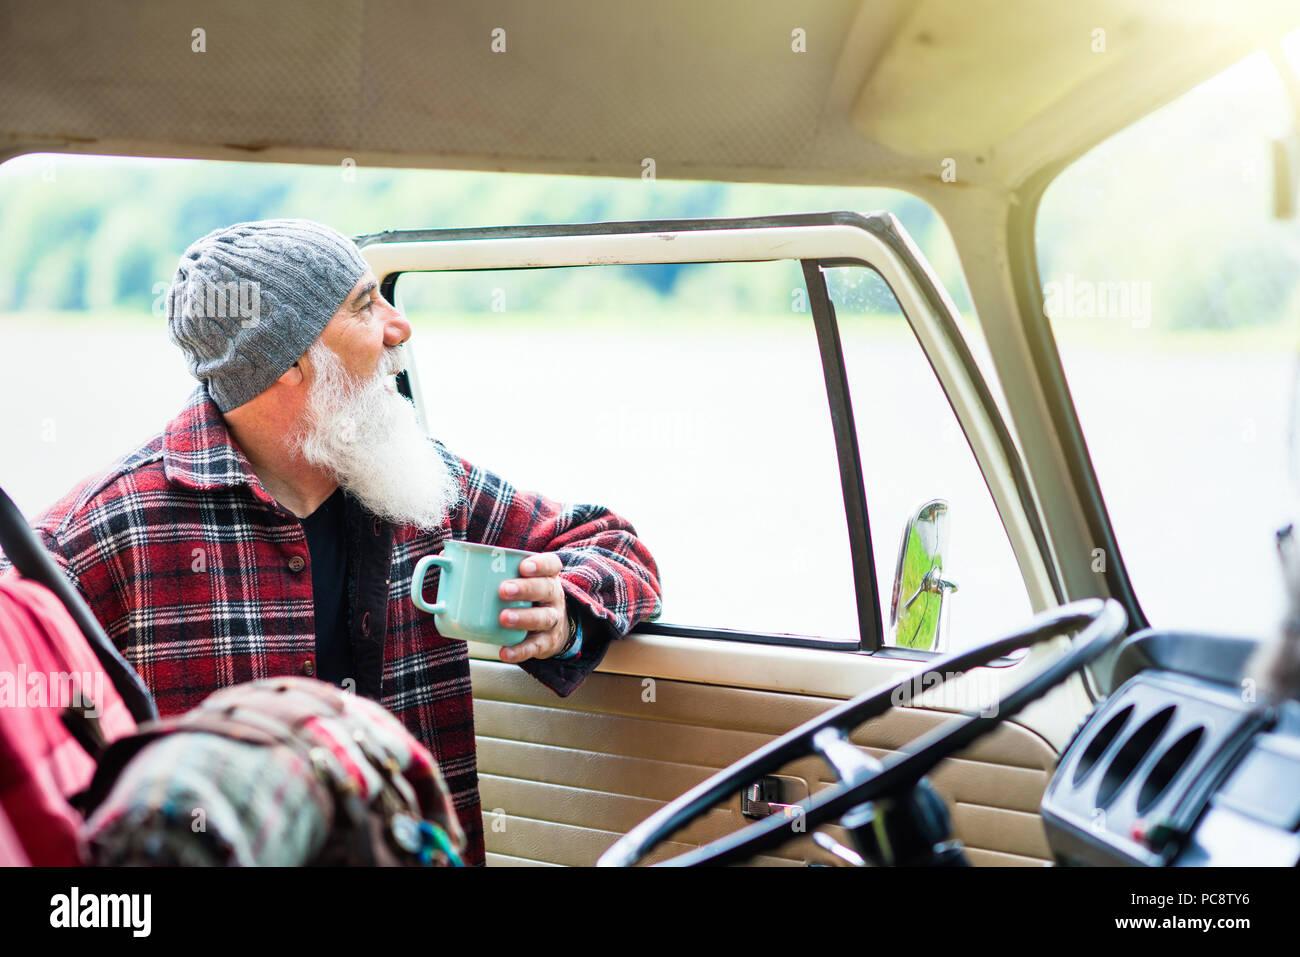 Älterer Mann in der Nähe seines Pickup, bereit für eine Wanderung in den Wäldern Stockbild